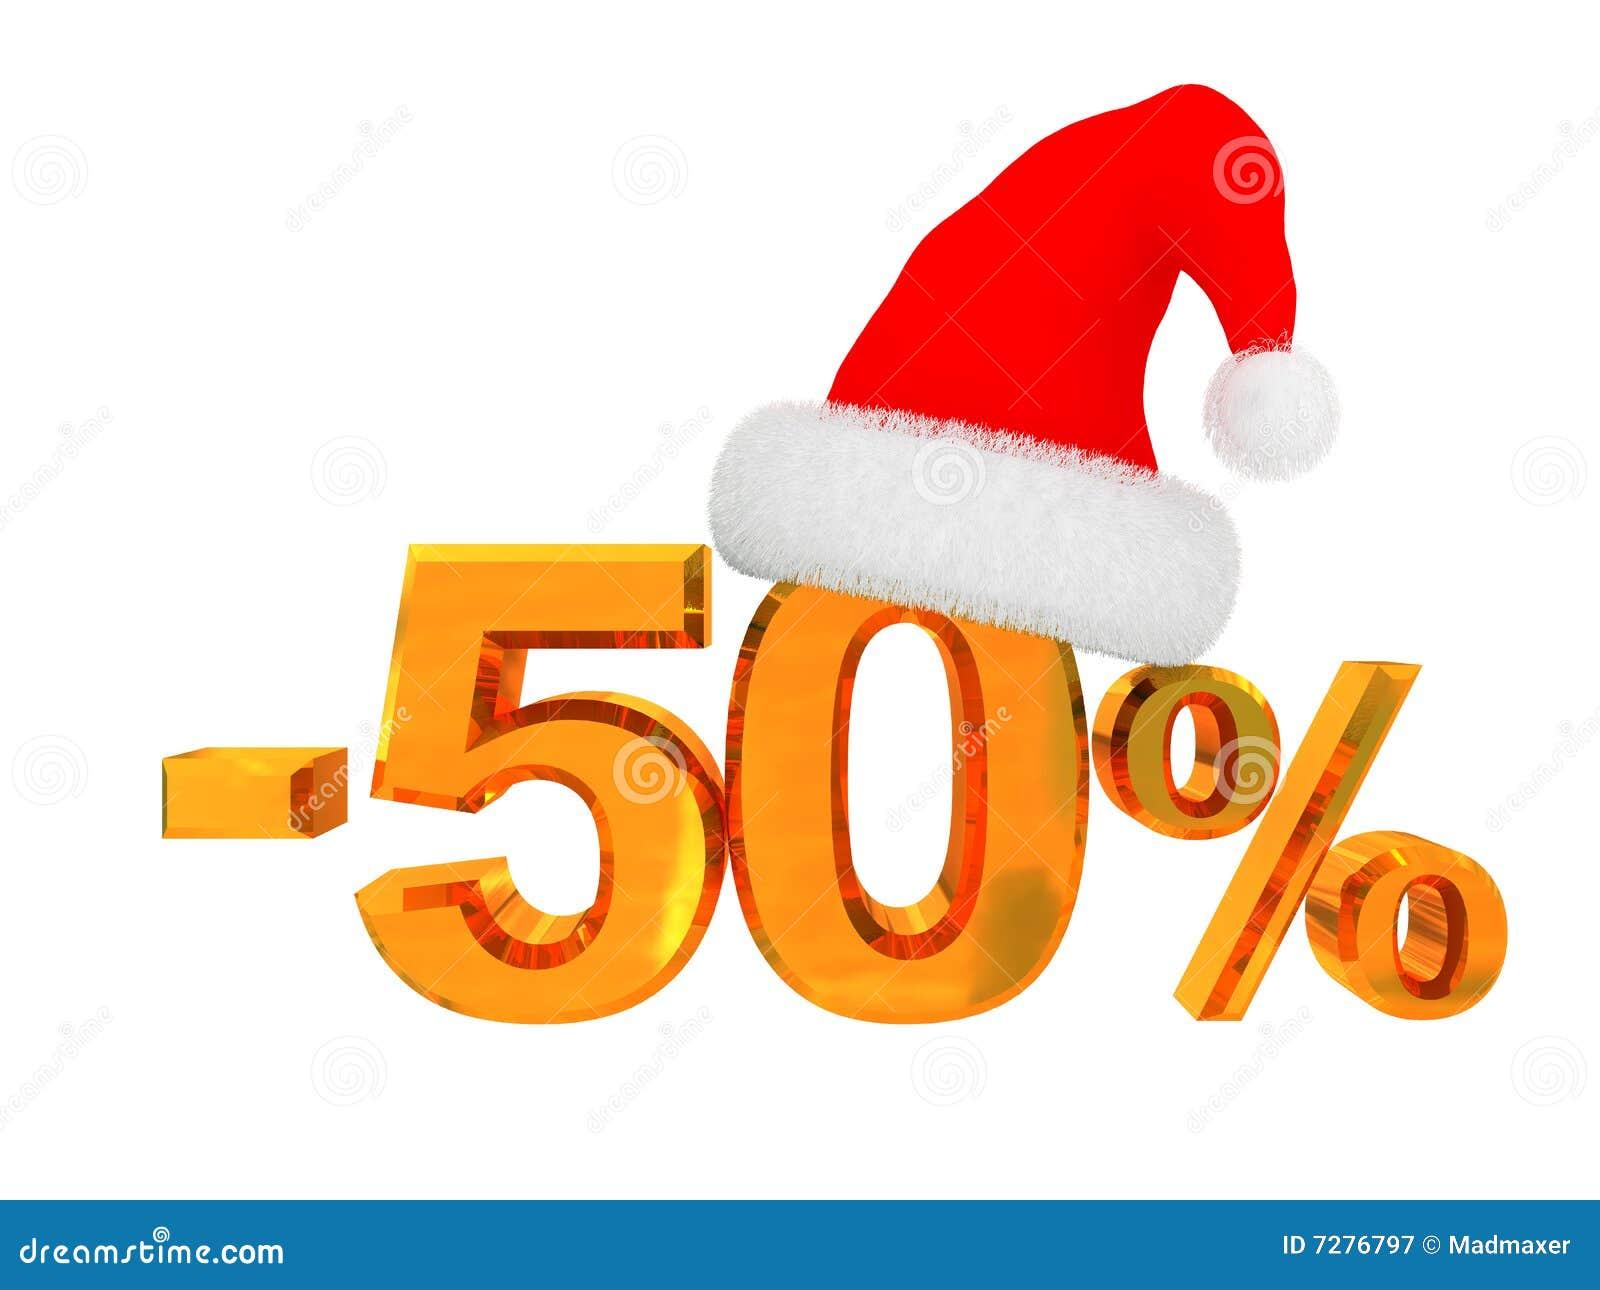 Descuento del 50 por ciento